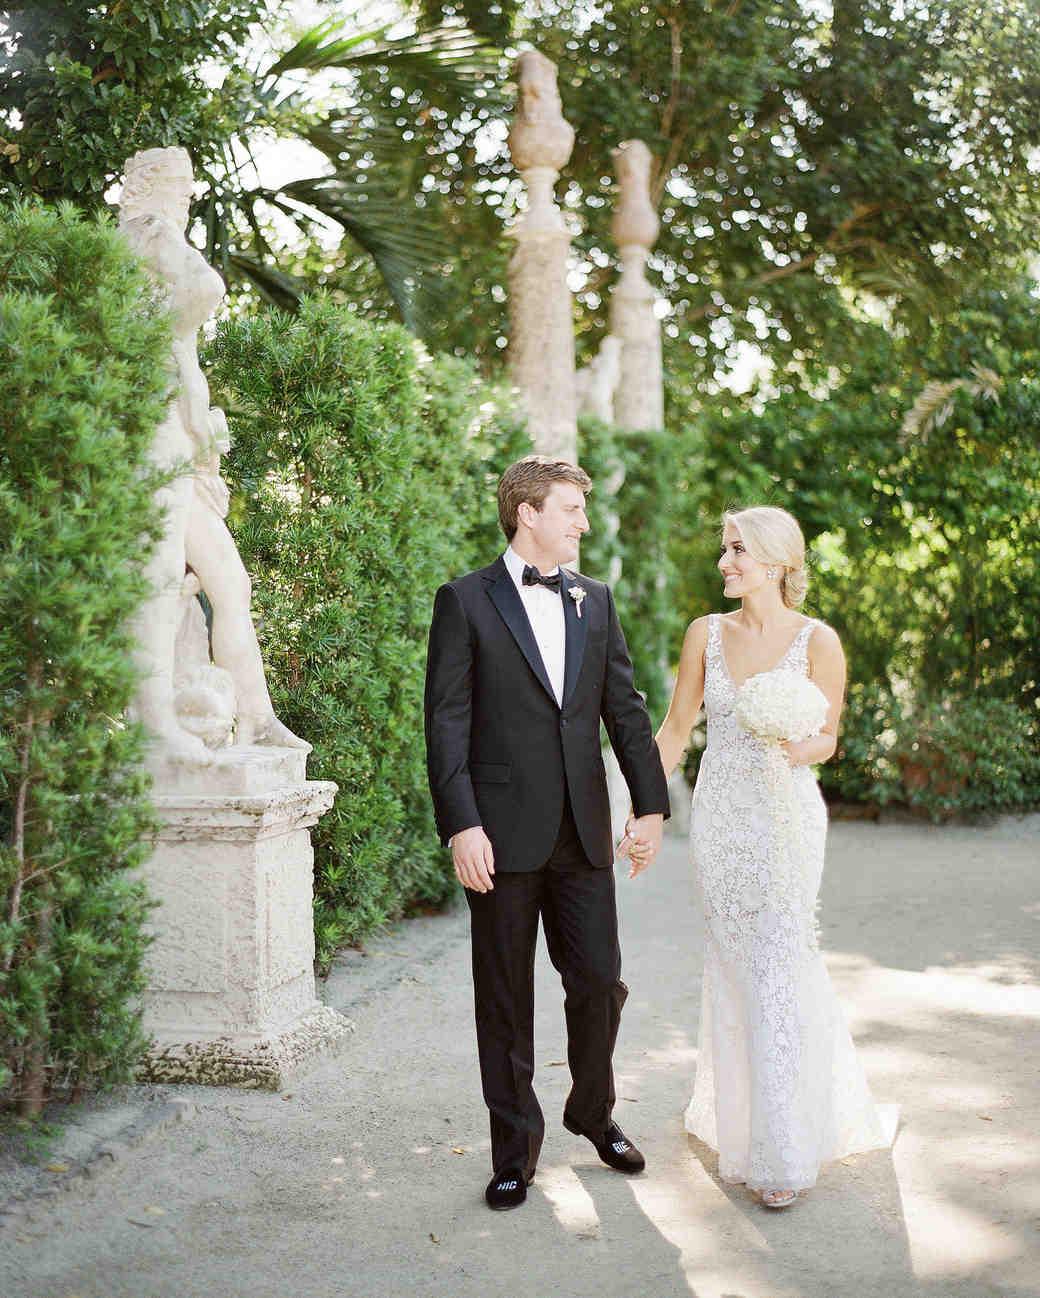 natalie jamey wedding couple